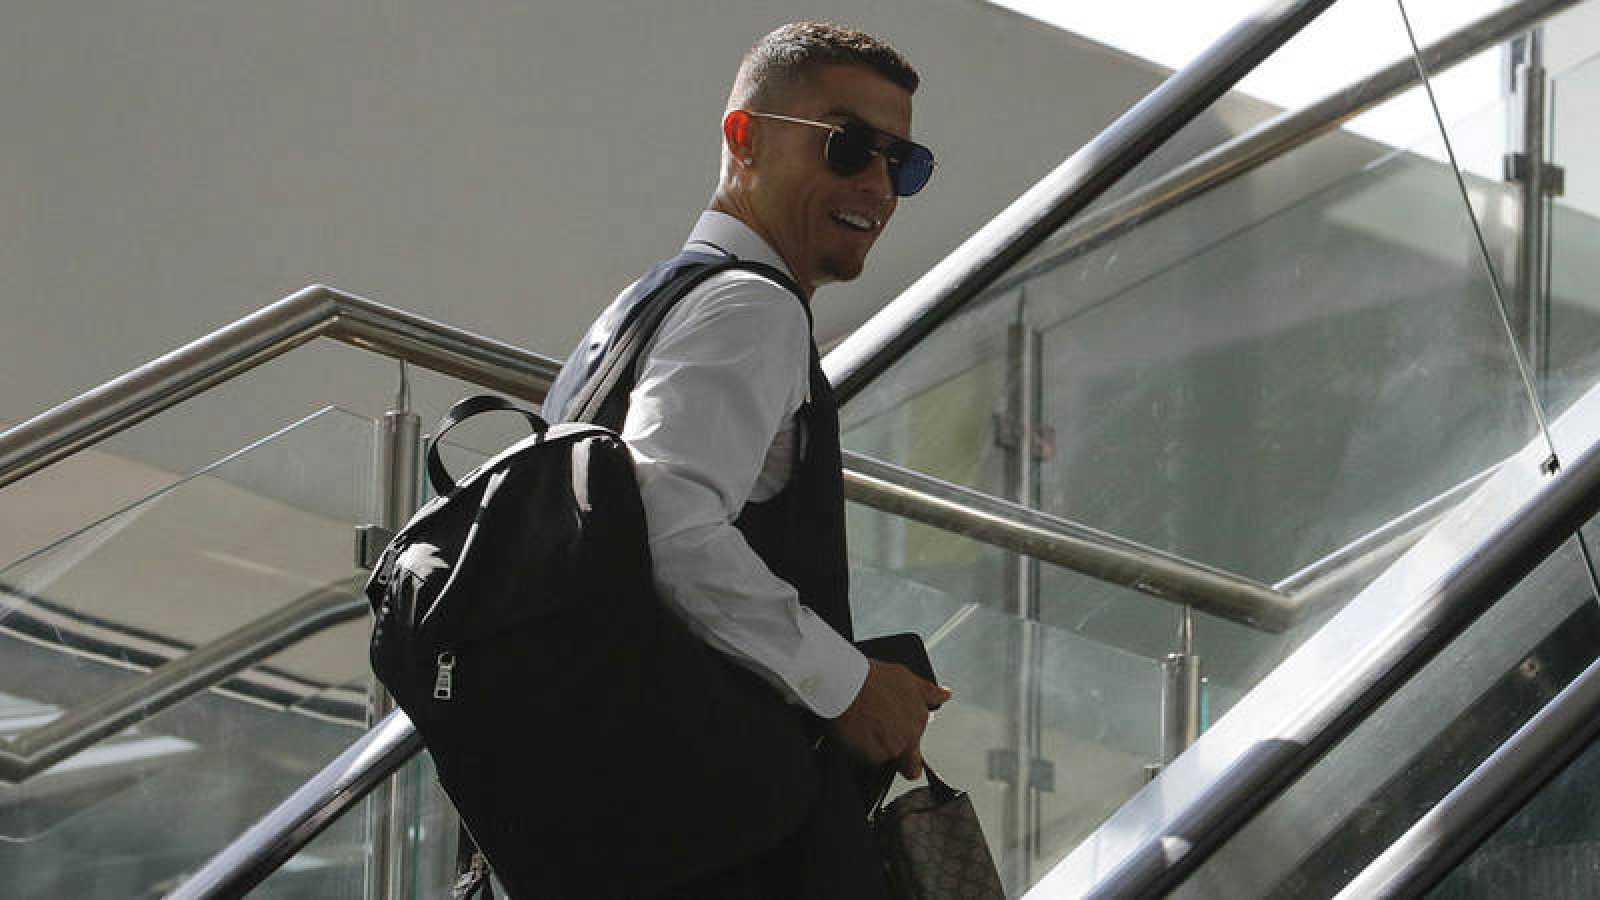 Cristiano Ronaldo ha sido acusado de violación por unos supuestos hechos ocurridos en 2009.